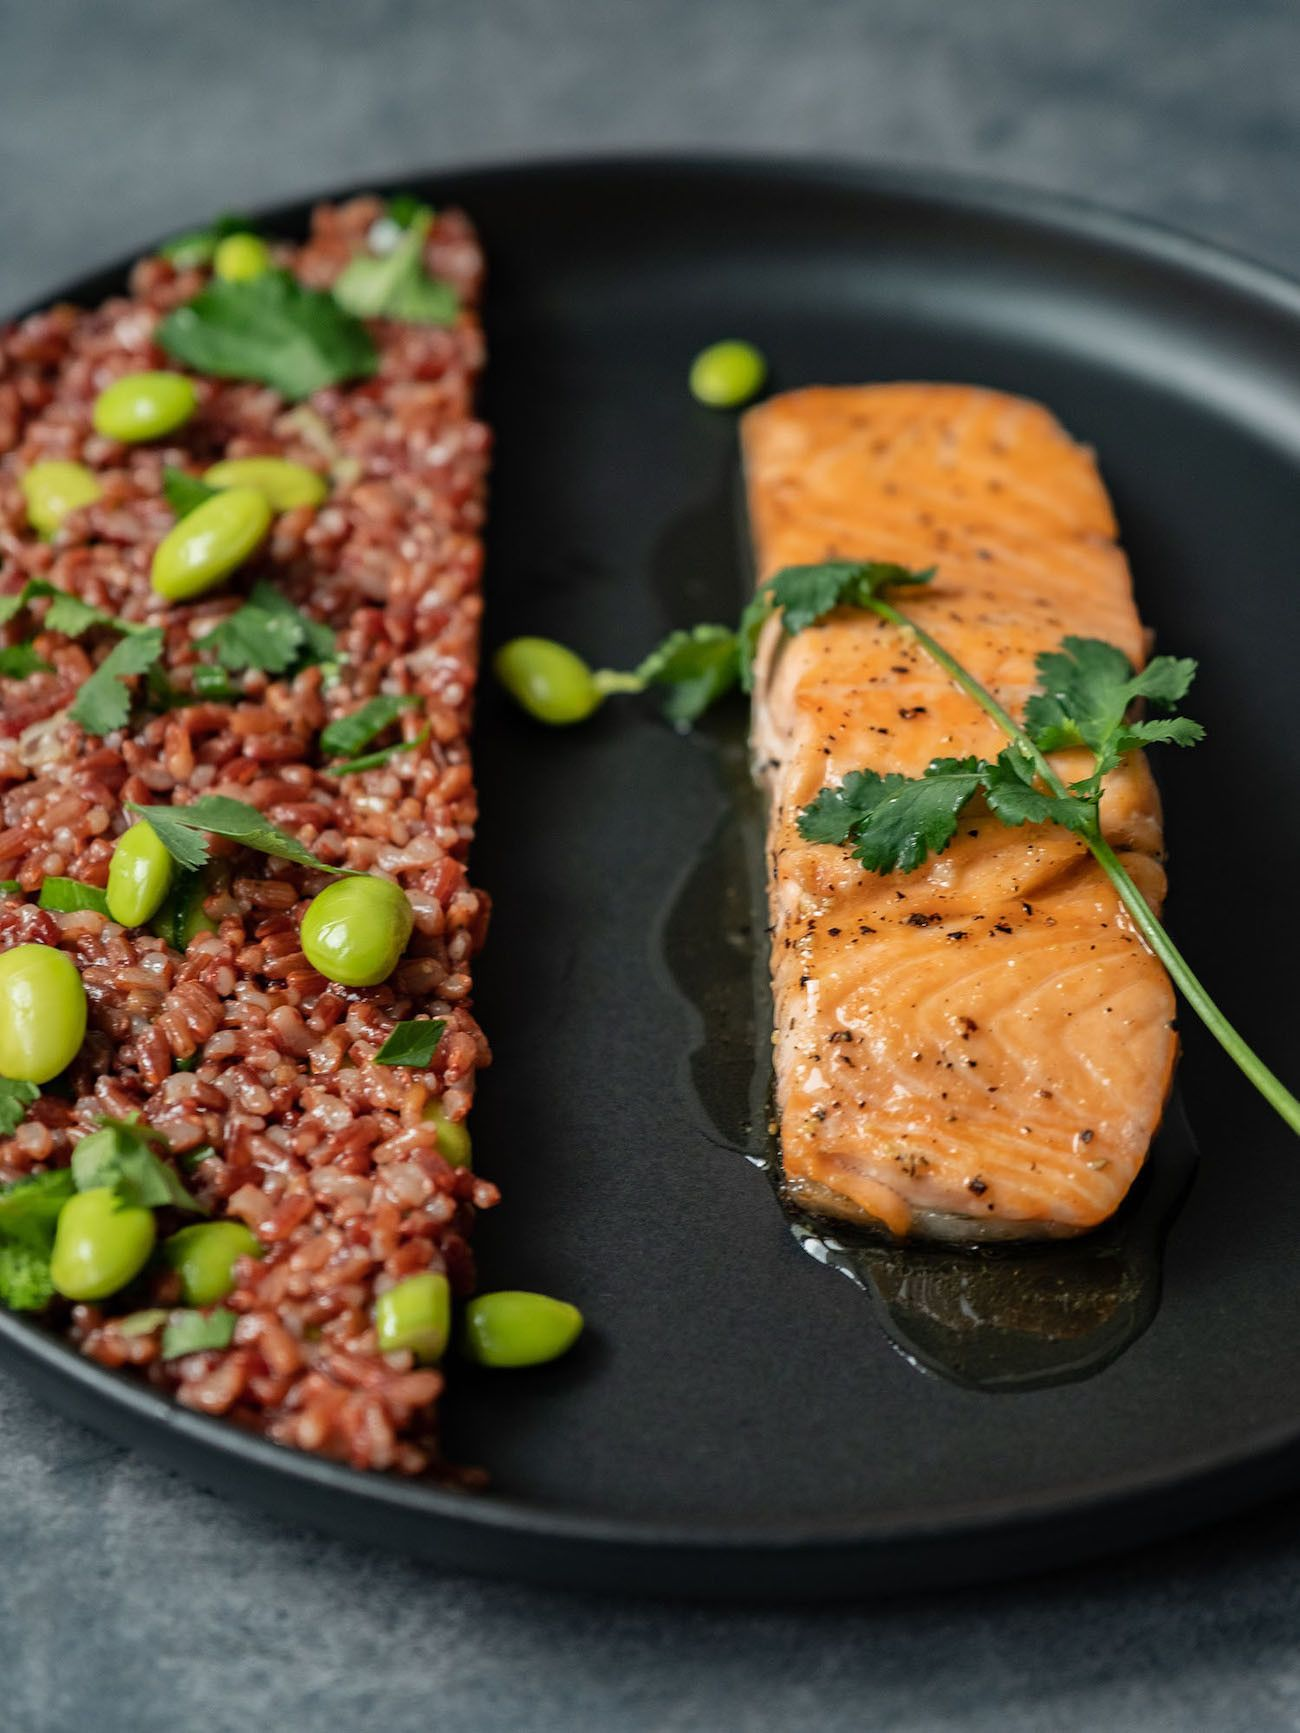 Foodblog About Fuel, Rezept Roter Reissalat mit Edamame und Ahornsirup Lachs, Fischfilet